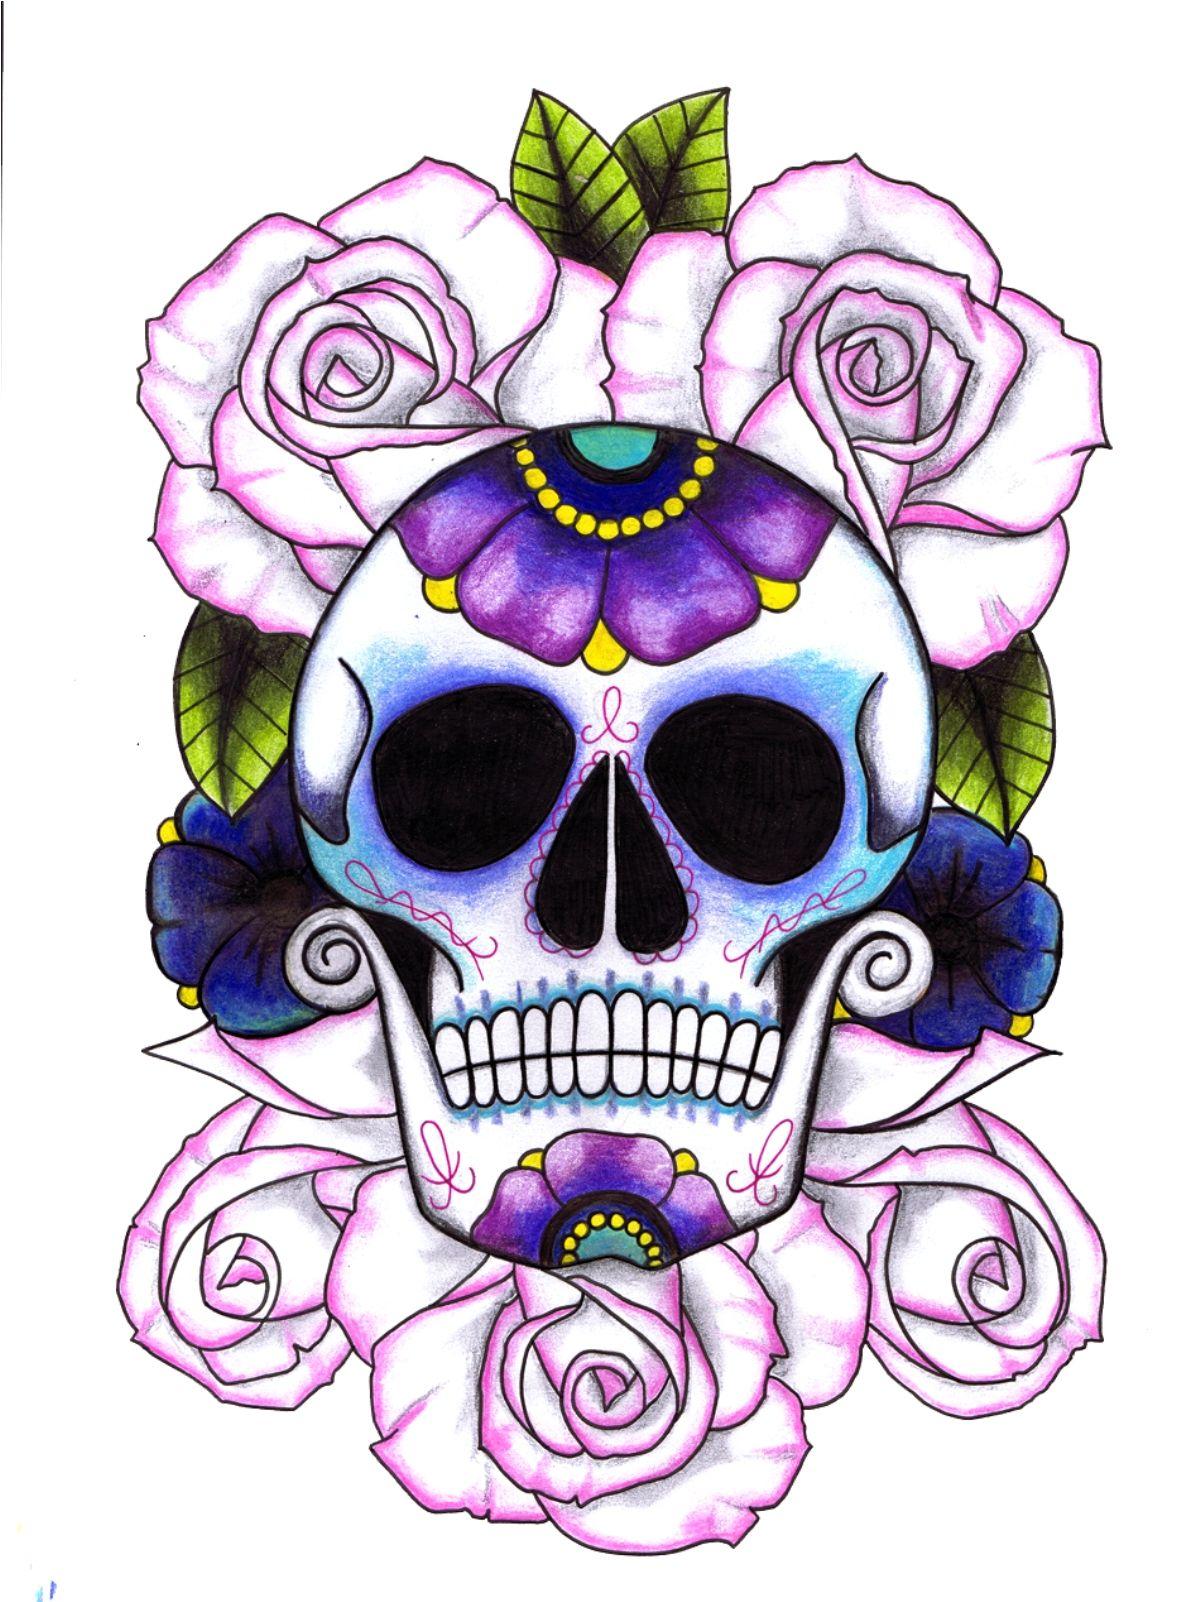 wallpaper additionally sugar skull - photo #16